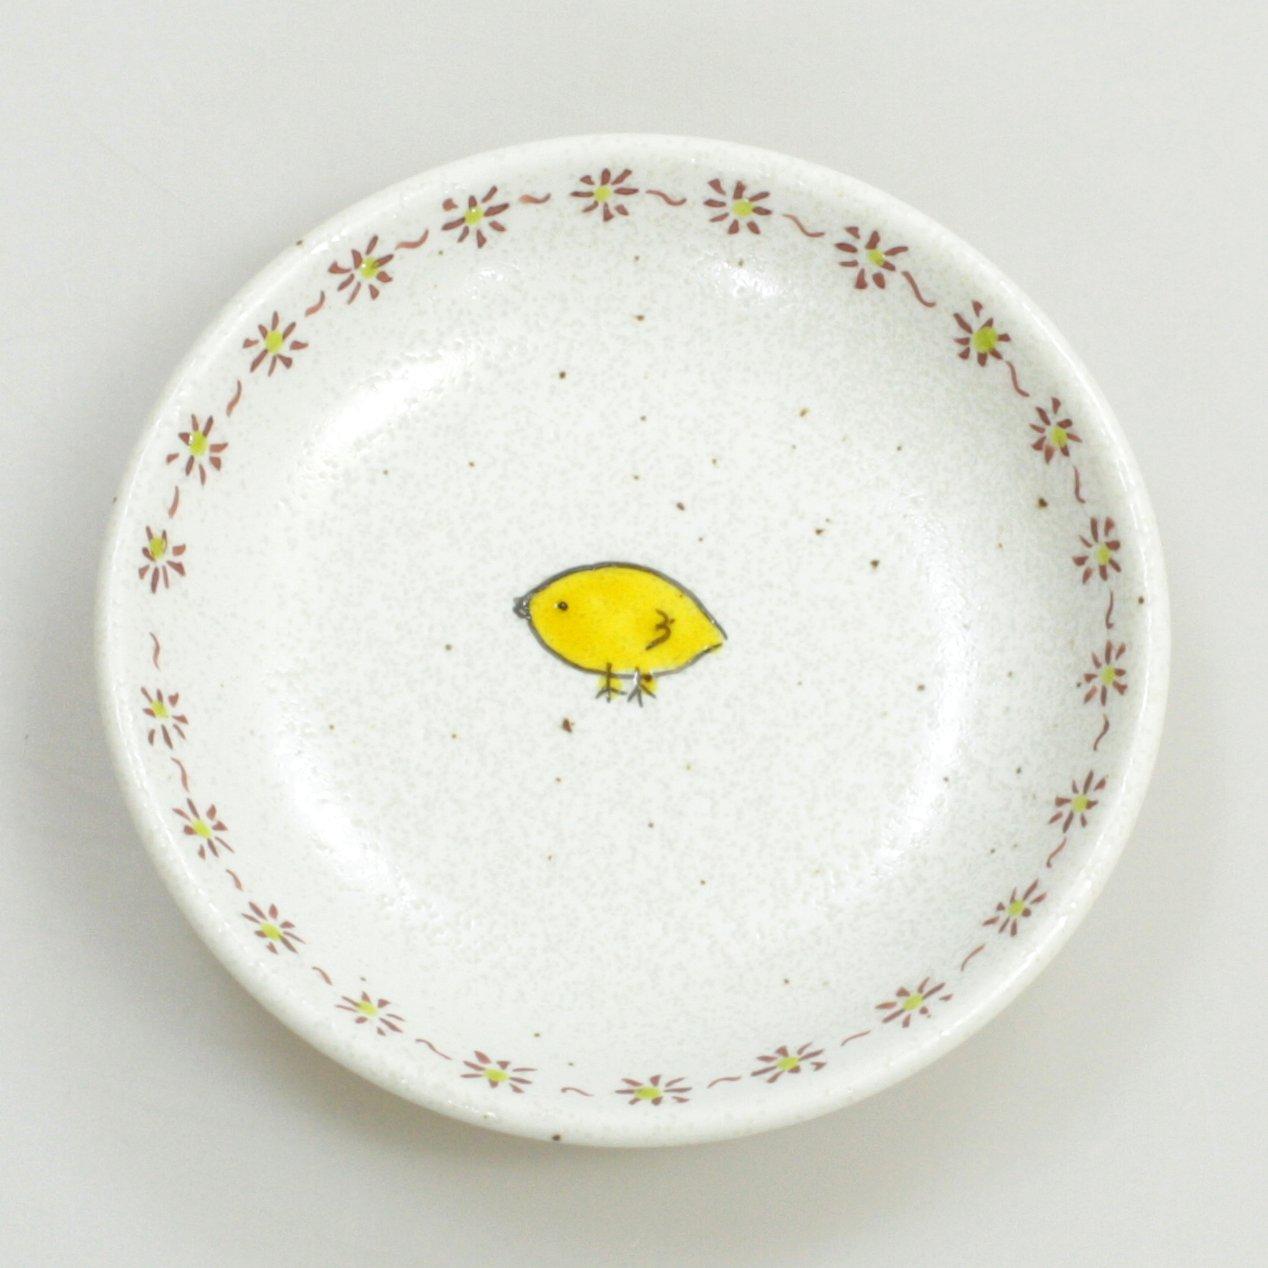 九谷焼ギフト ご贈答品 御祝い 九谷焼豆皿 ひよこ